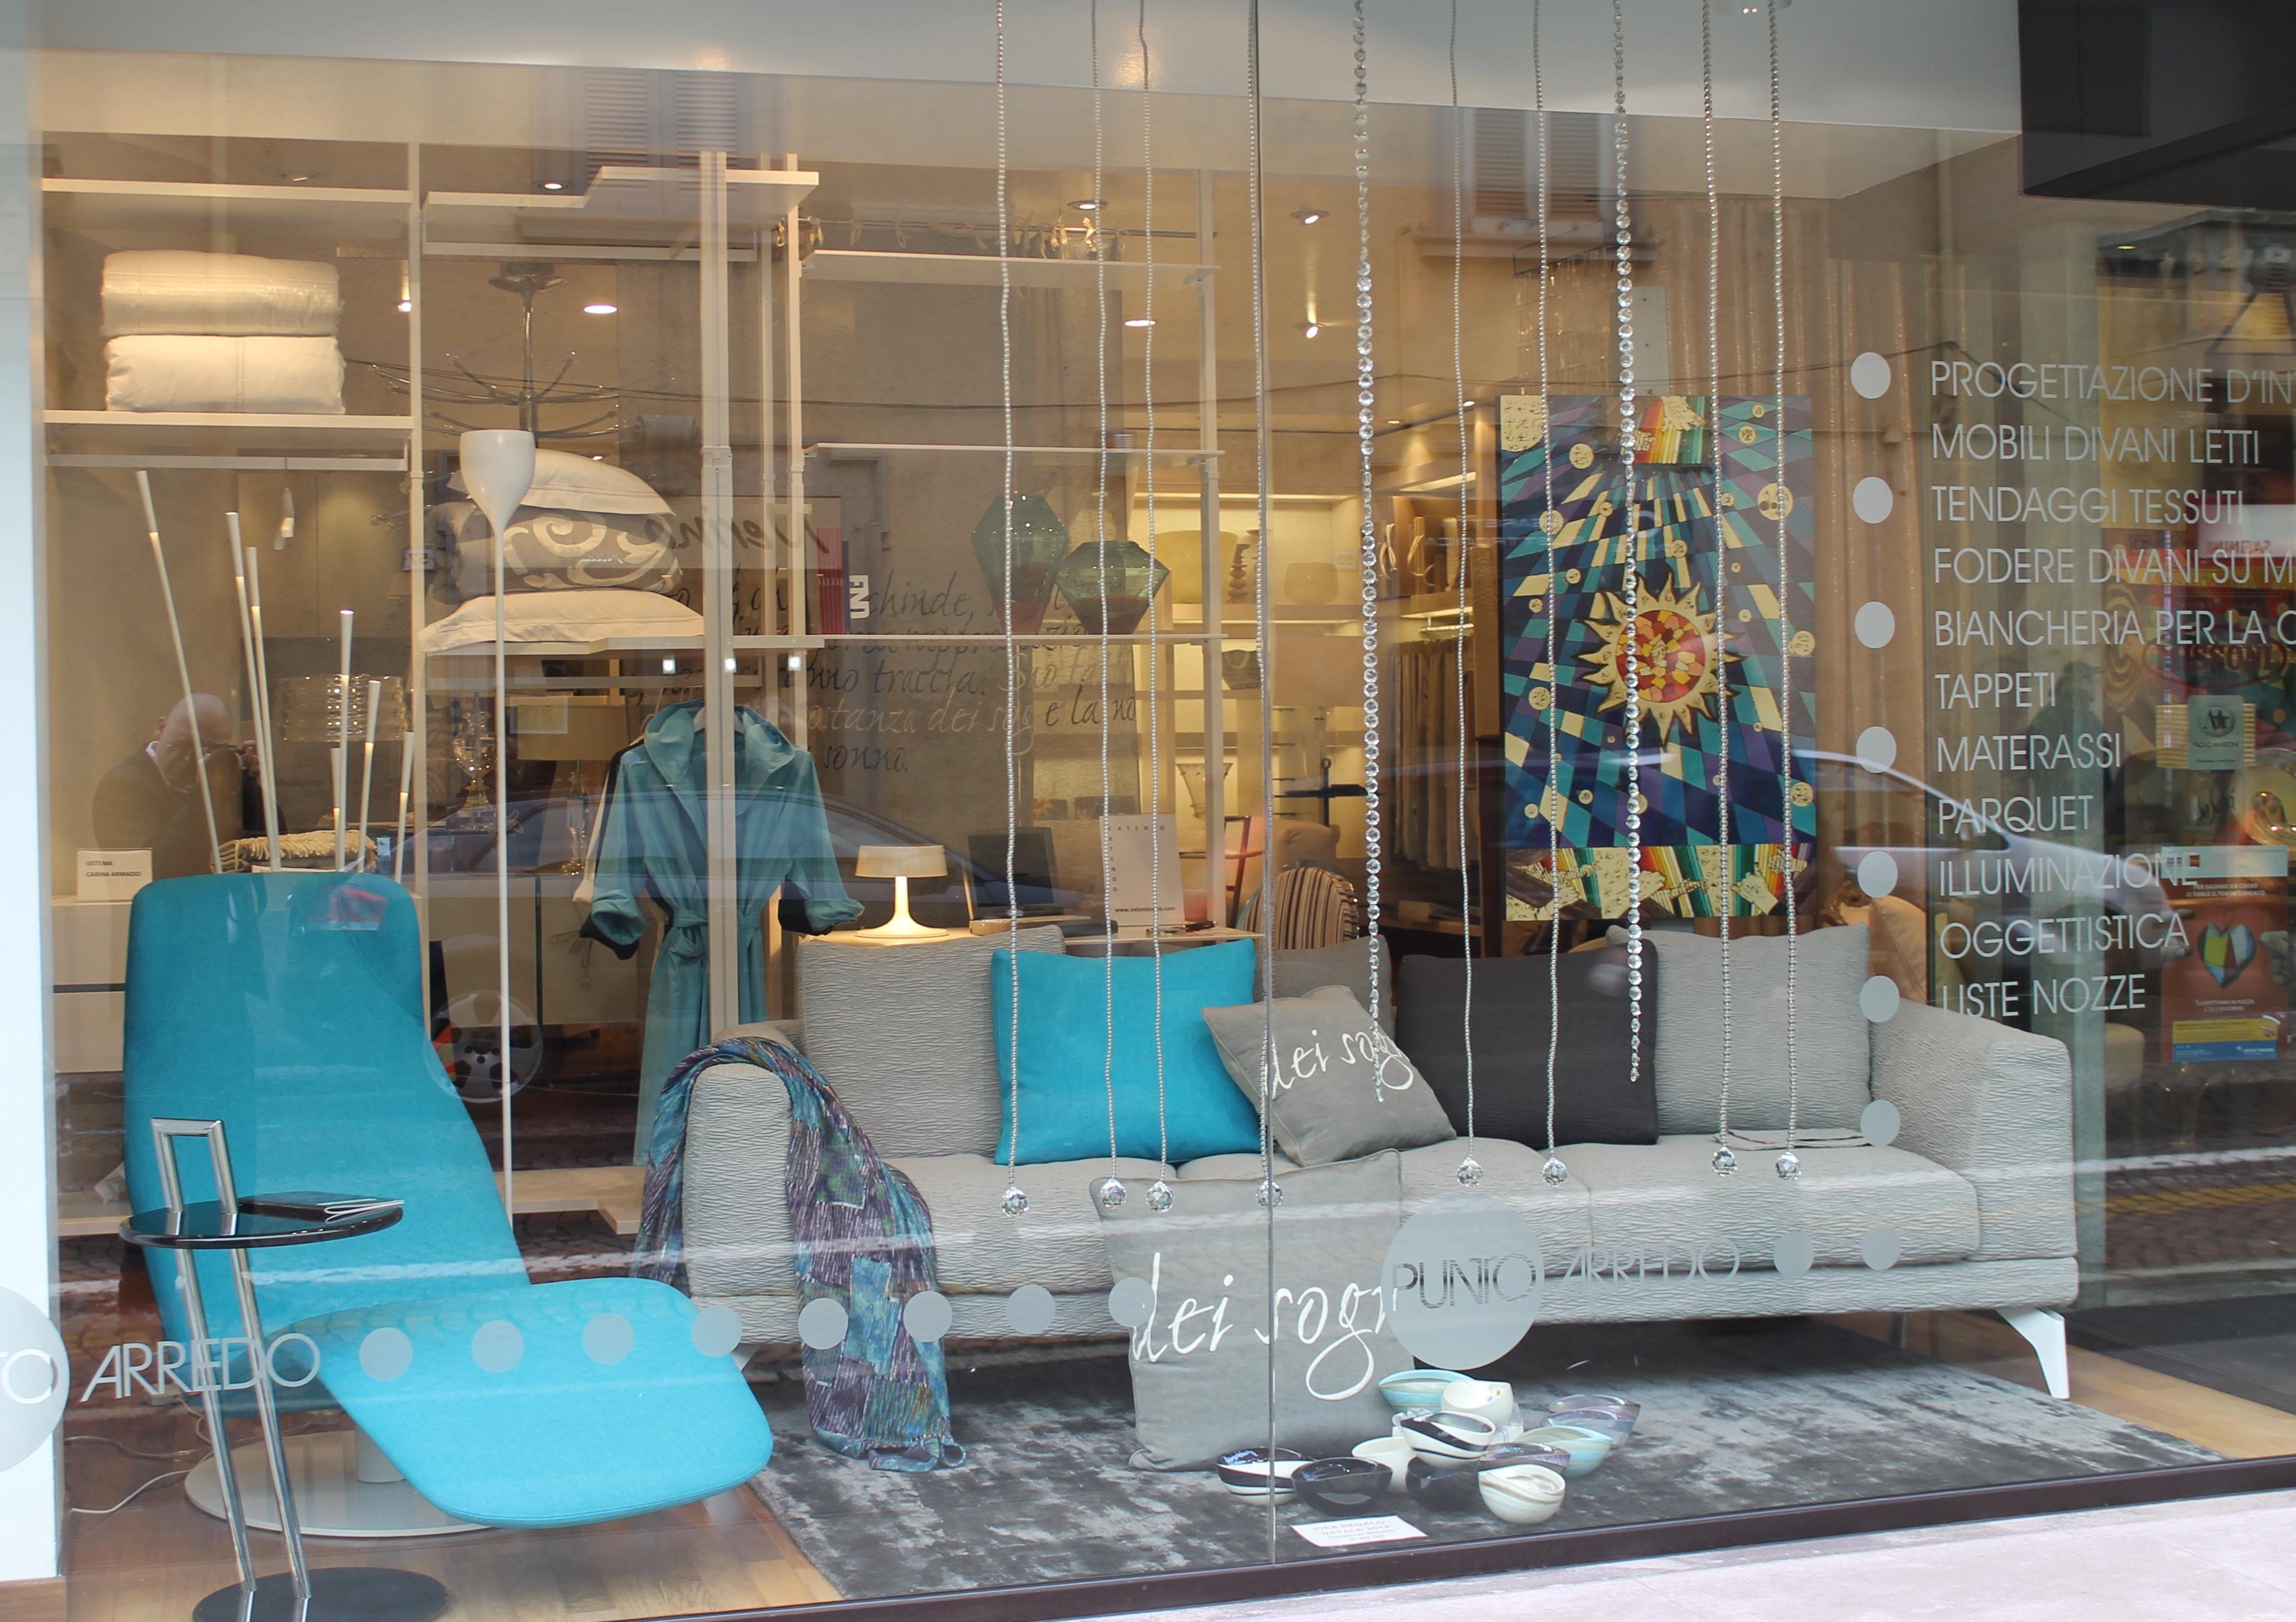 Vetrina con divano e chaiselongue Mussi http://www.puntoarredo.info/vetrine-2/